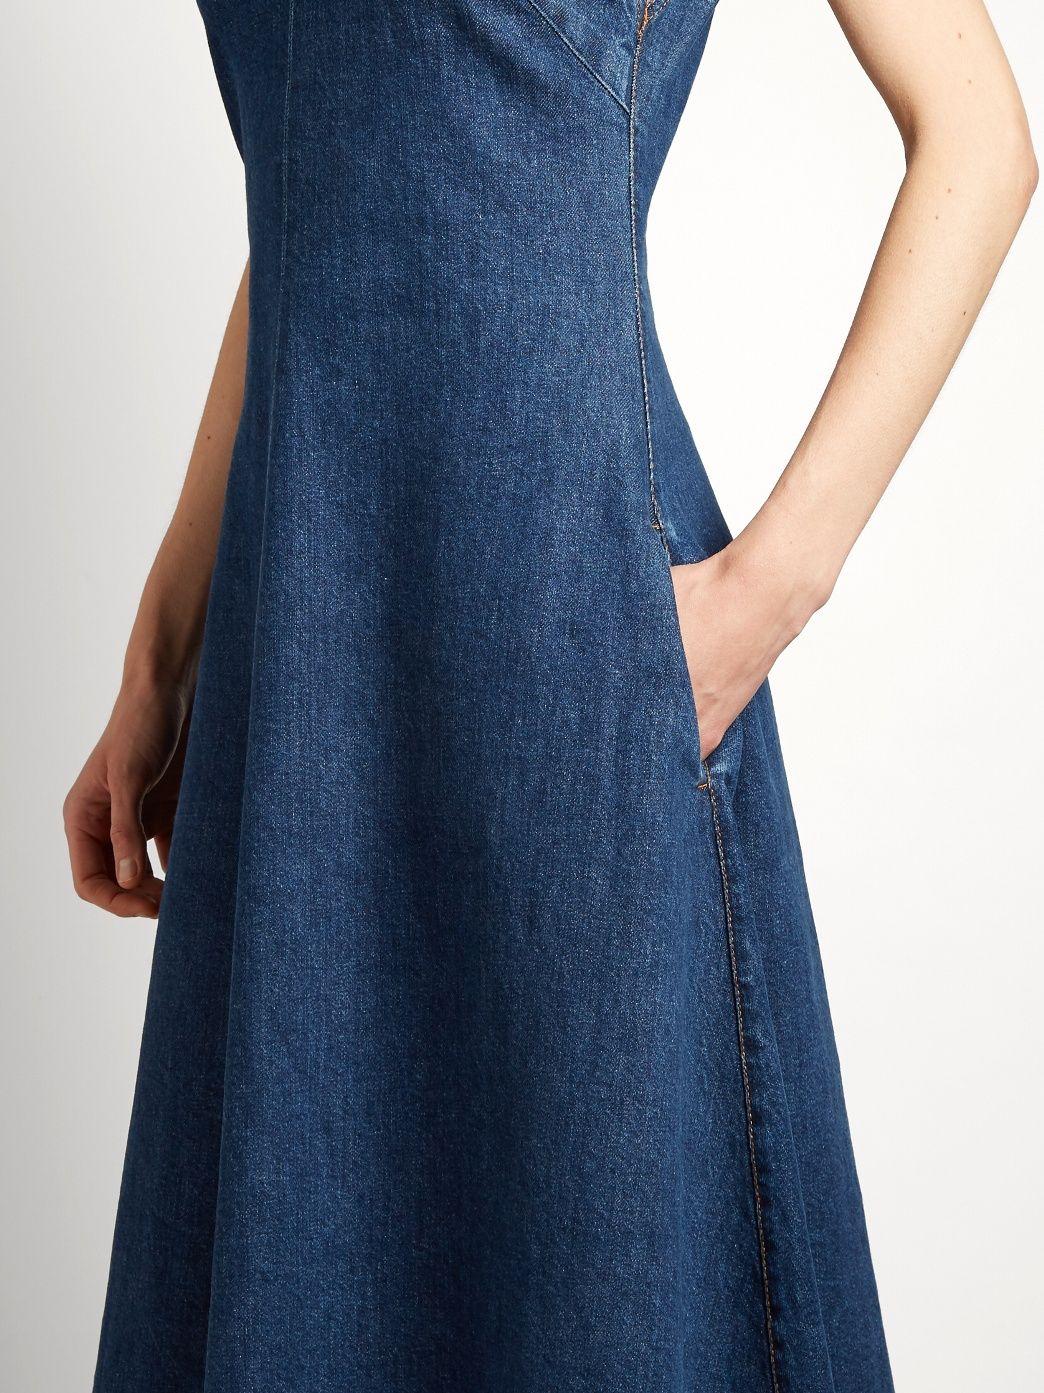 c366afcd66f Ella V-neck fluted denim dress